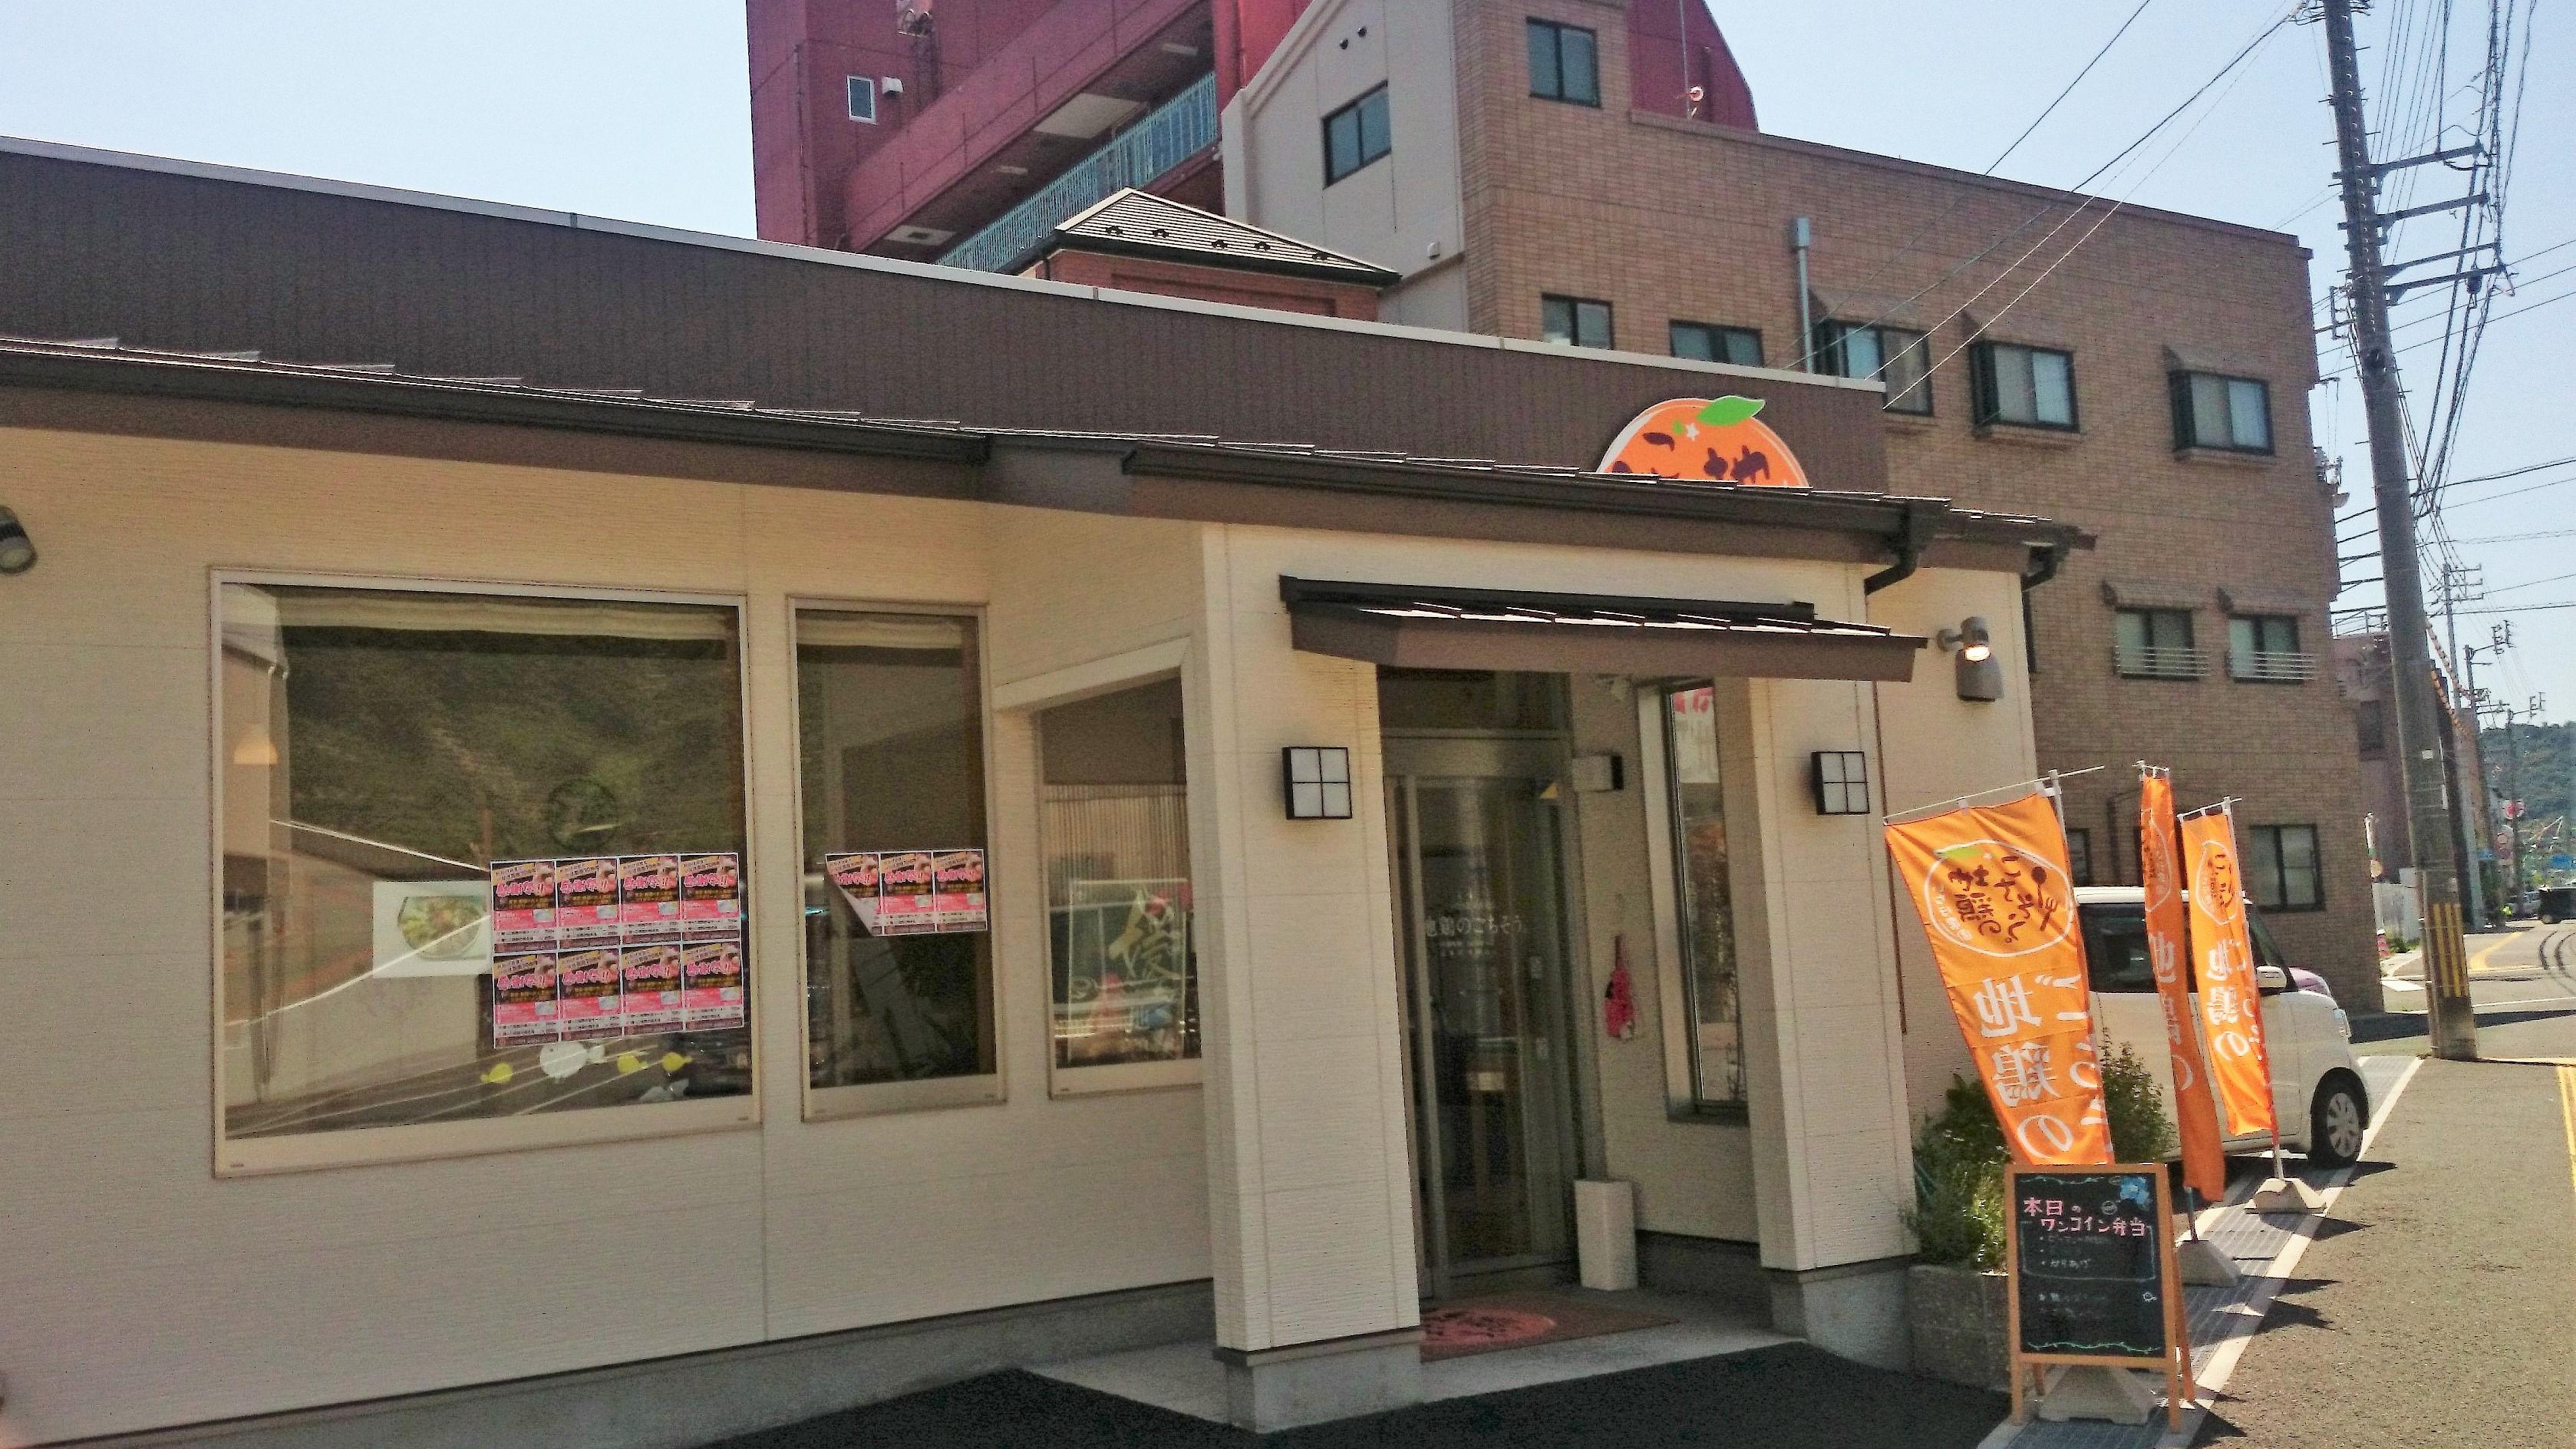 おいしい地鶏のお弁当・お惣菜が食べられる店「地鶏のごちそう」で「チキンカレー」を食べてきました!